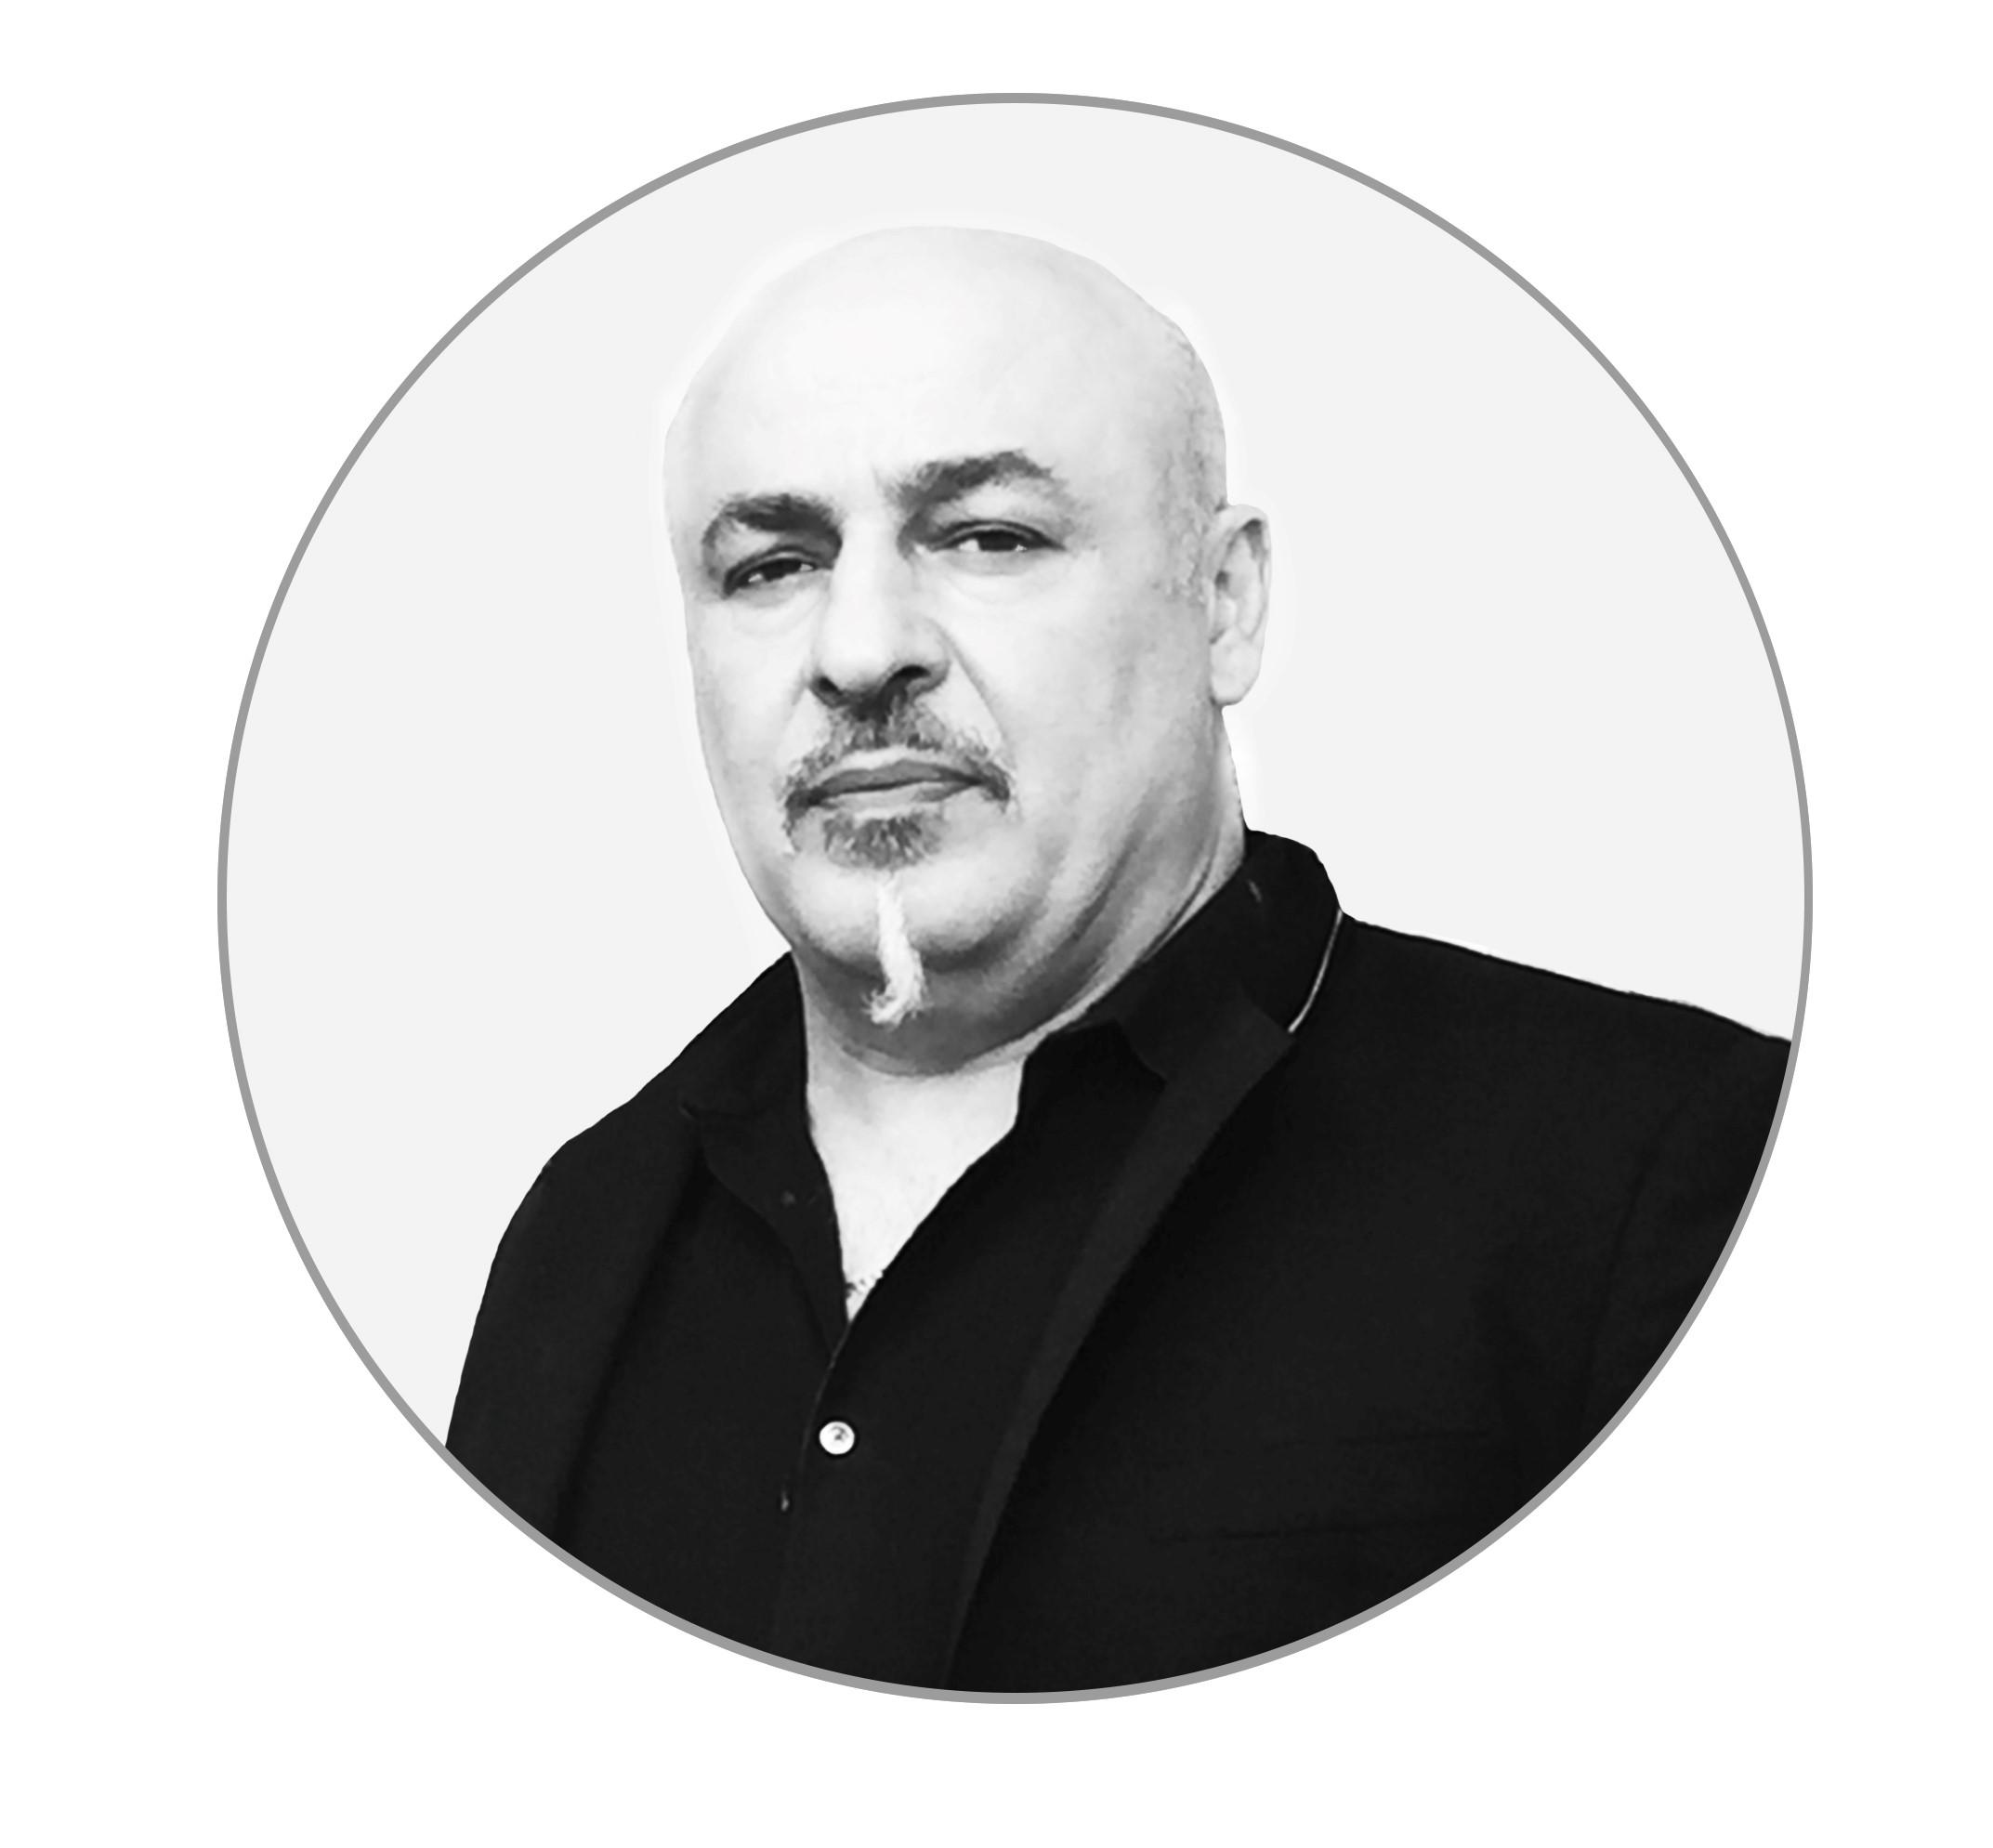 Tony Ricci courtesy of Flow Haircare.